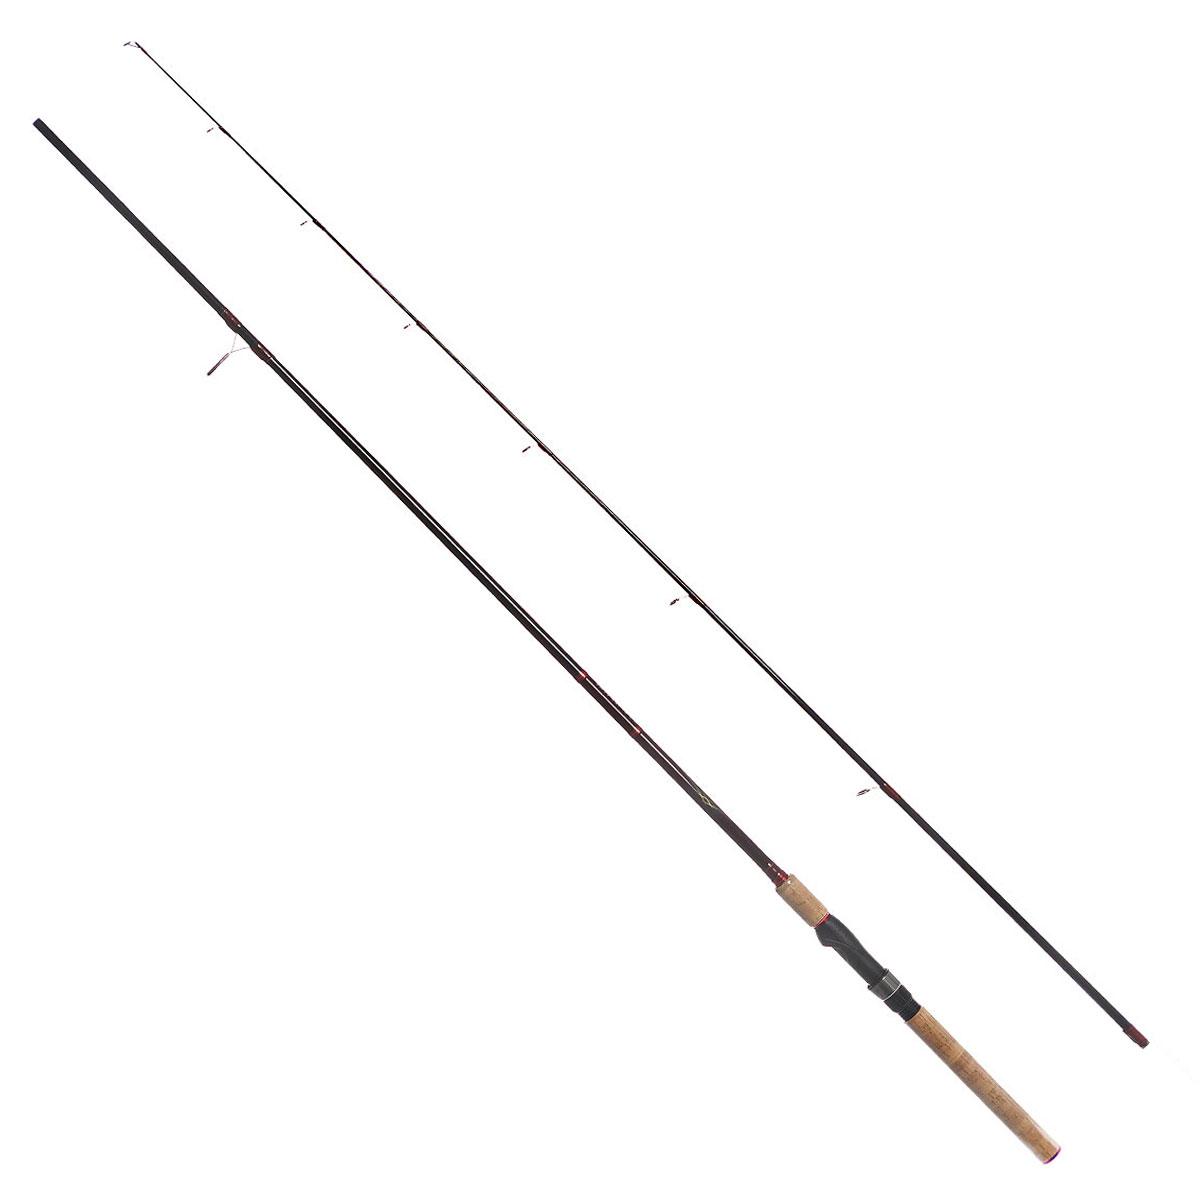 Удилище спиннинговое Daiwa Vulcan-AR, штекерное, цвет: черный, 2,59 м, 10-40 г удилище спиннинговое daiwa labrax 106ml